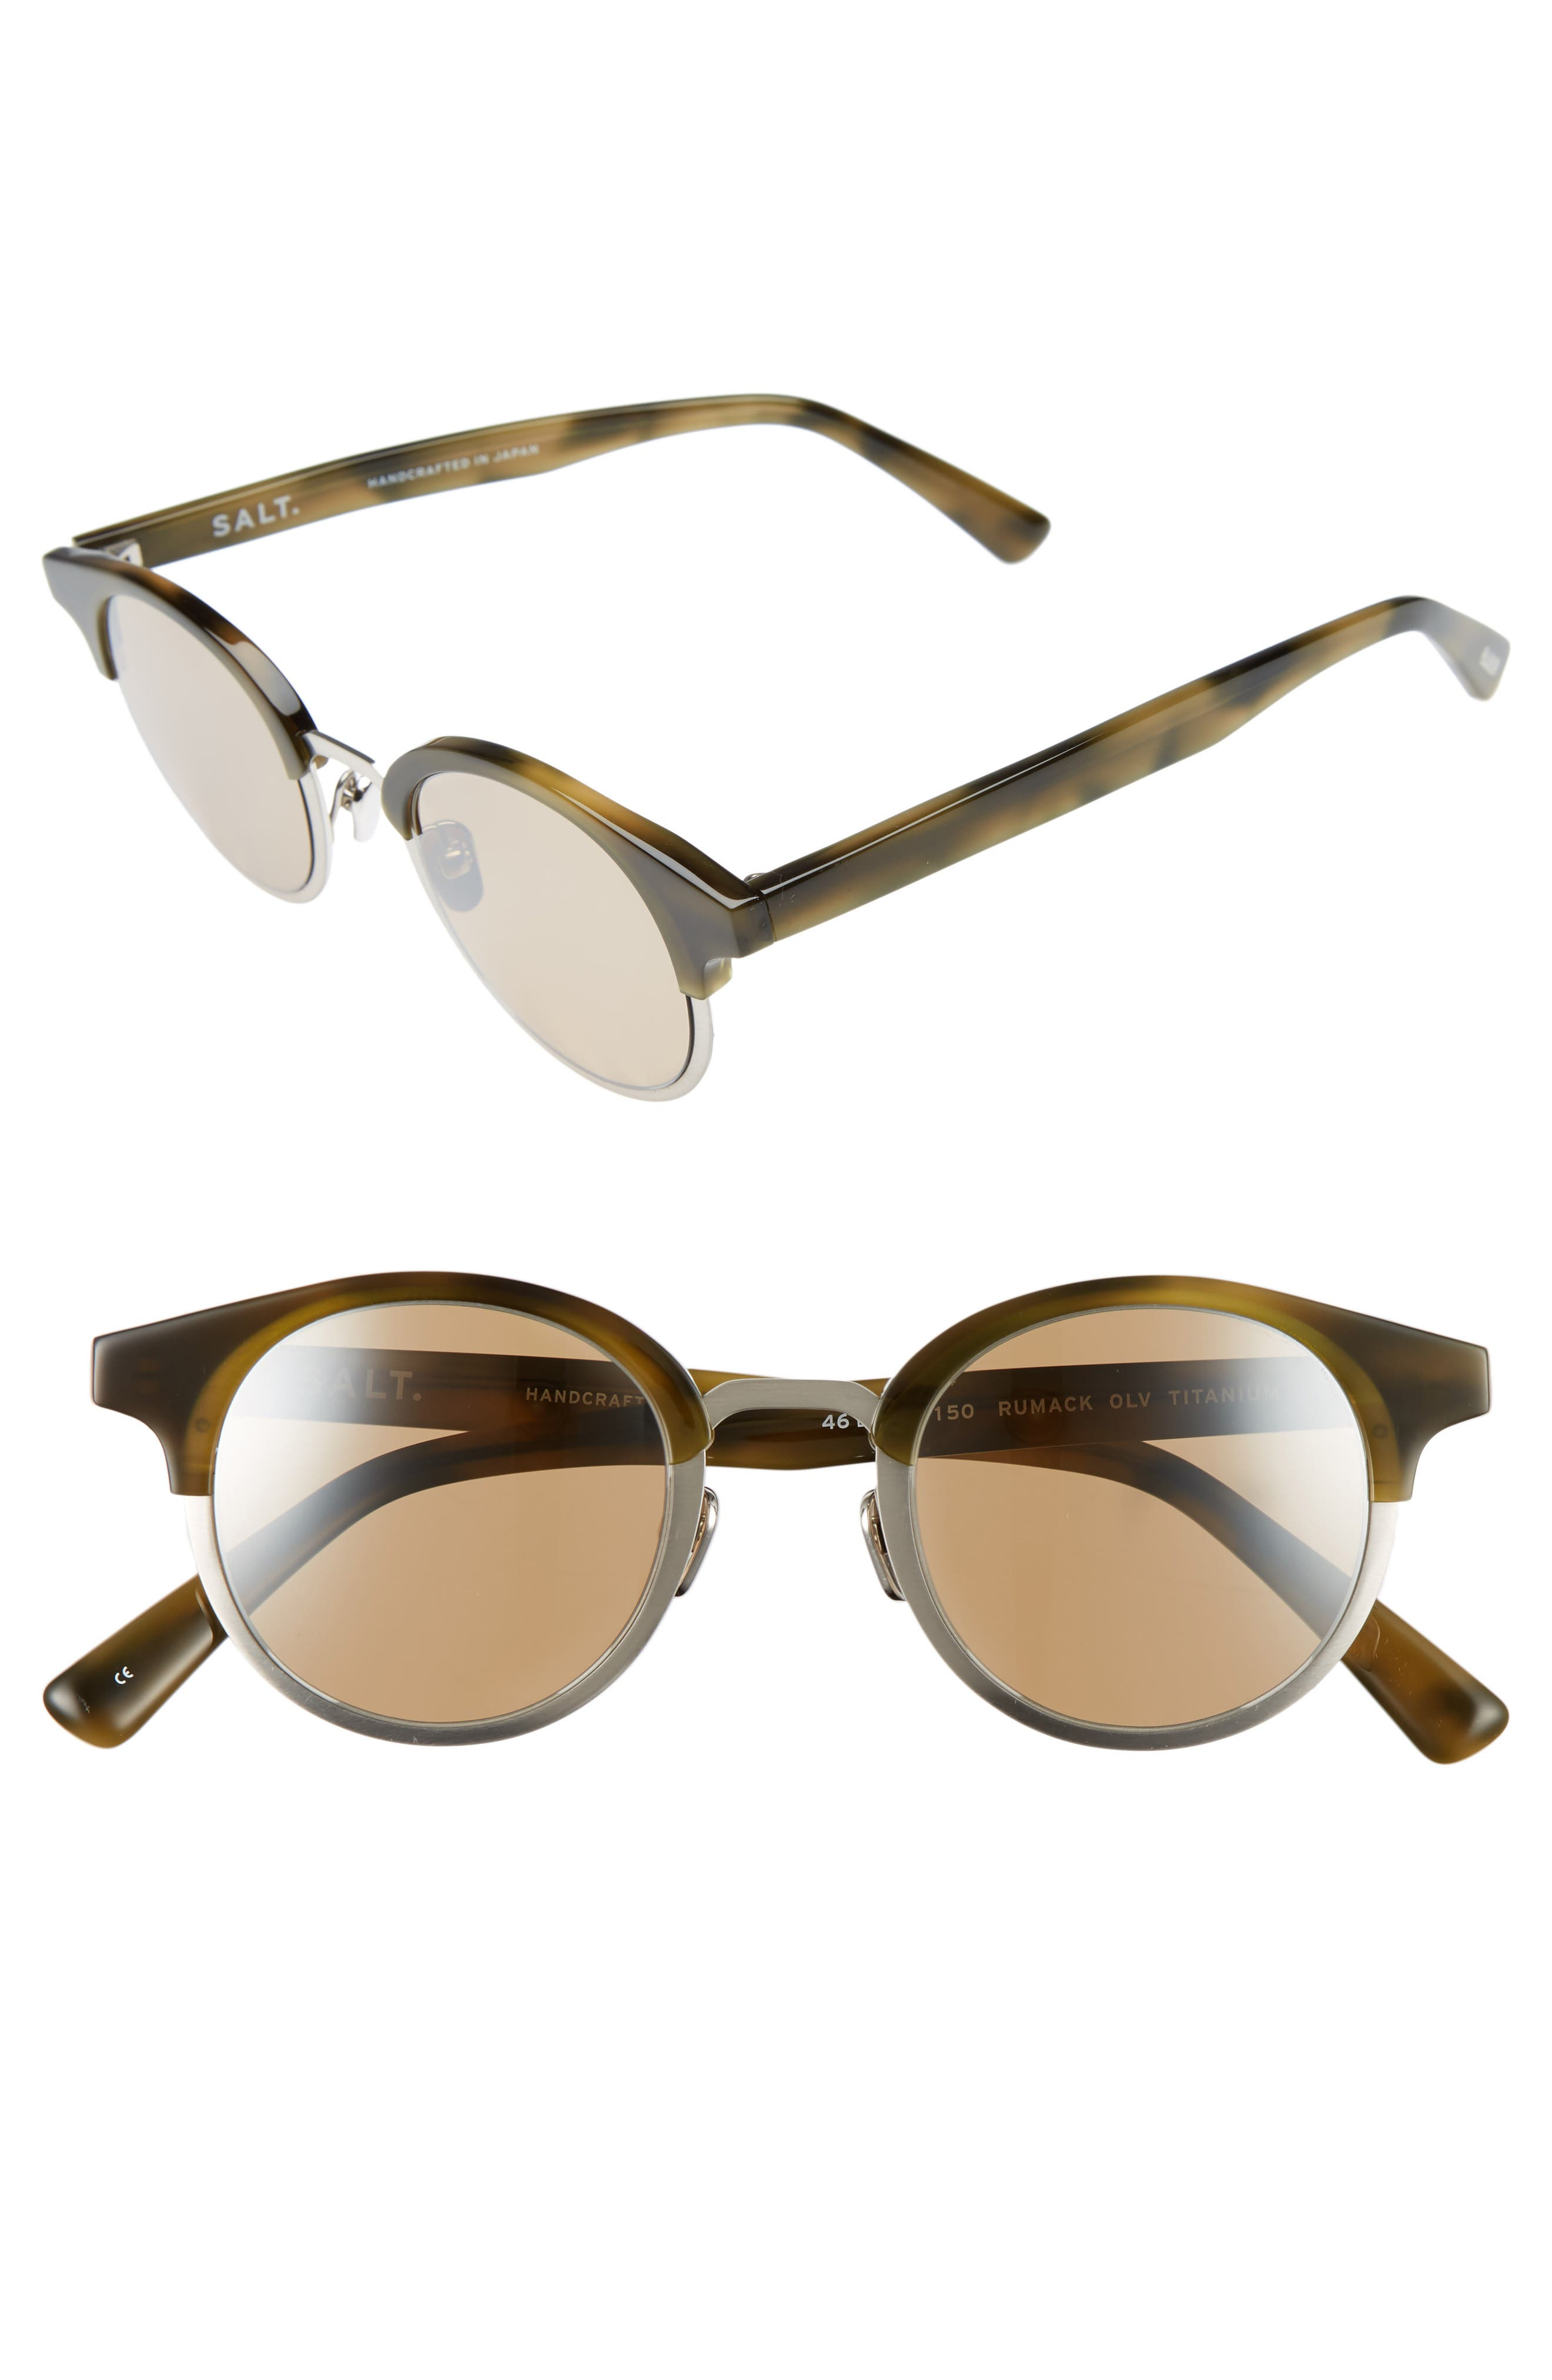 Rumack 46mm Polarized Sunglasses,                             Main thumbnail 1, color,                             OLIVE